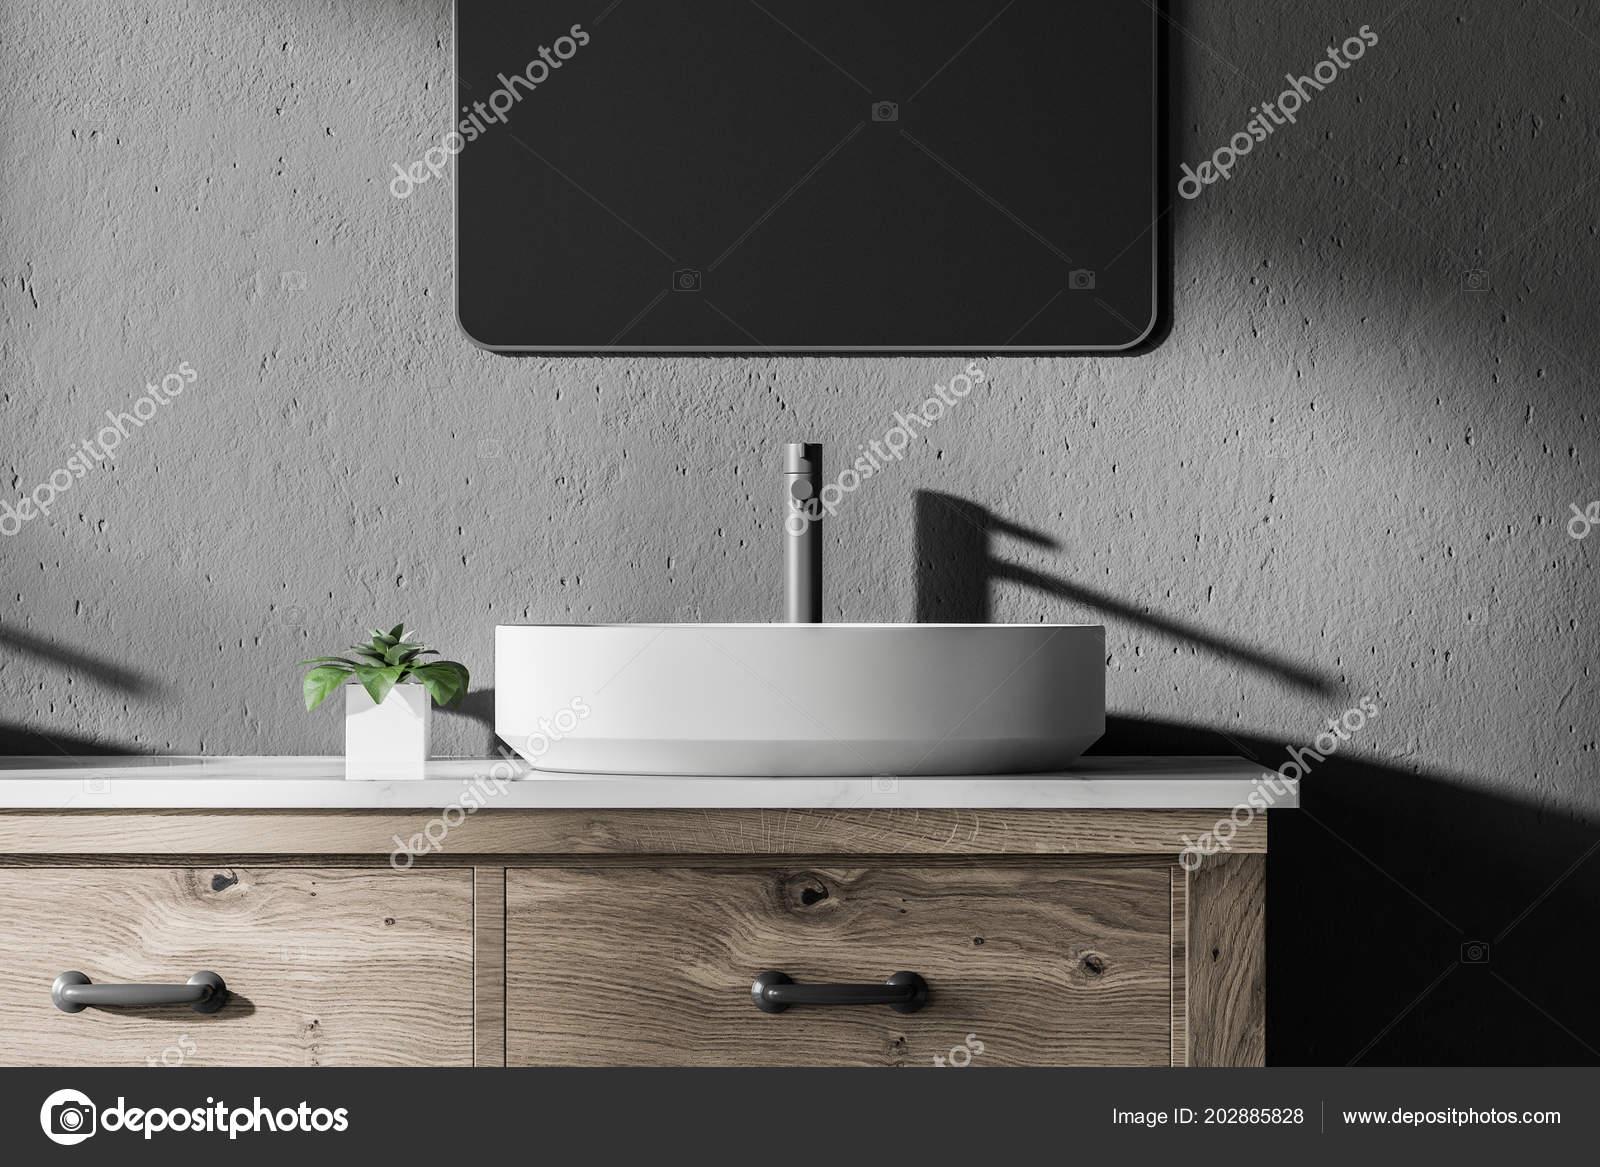 White Vessel Sink Standing Modern Bathroom Interior Wooden